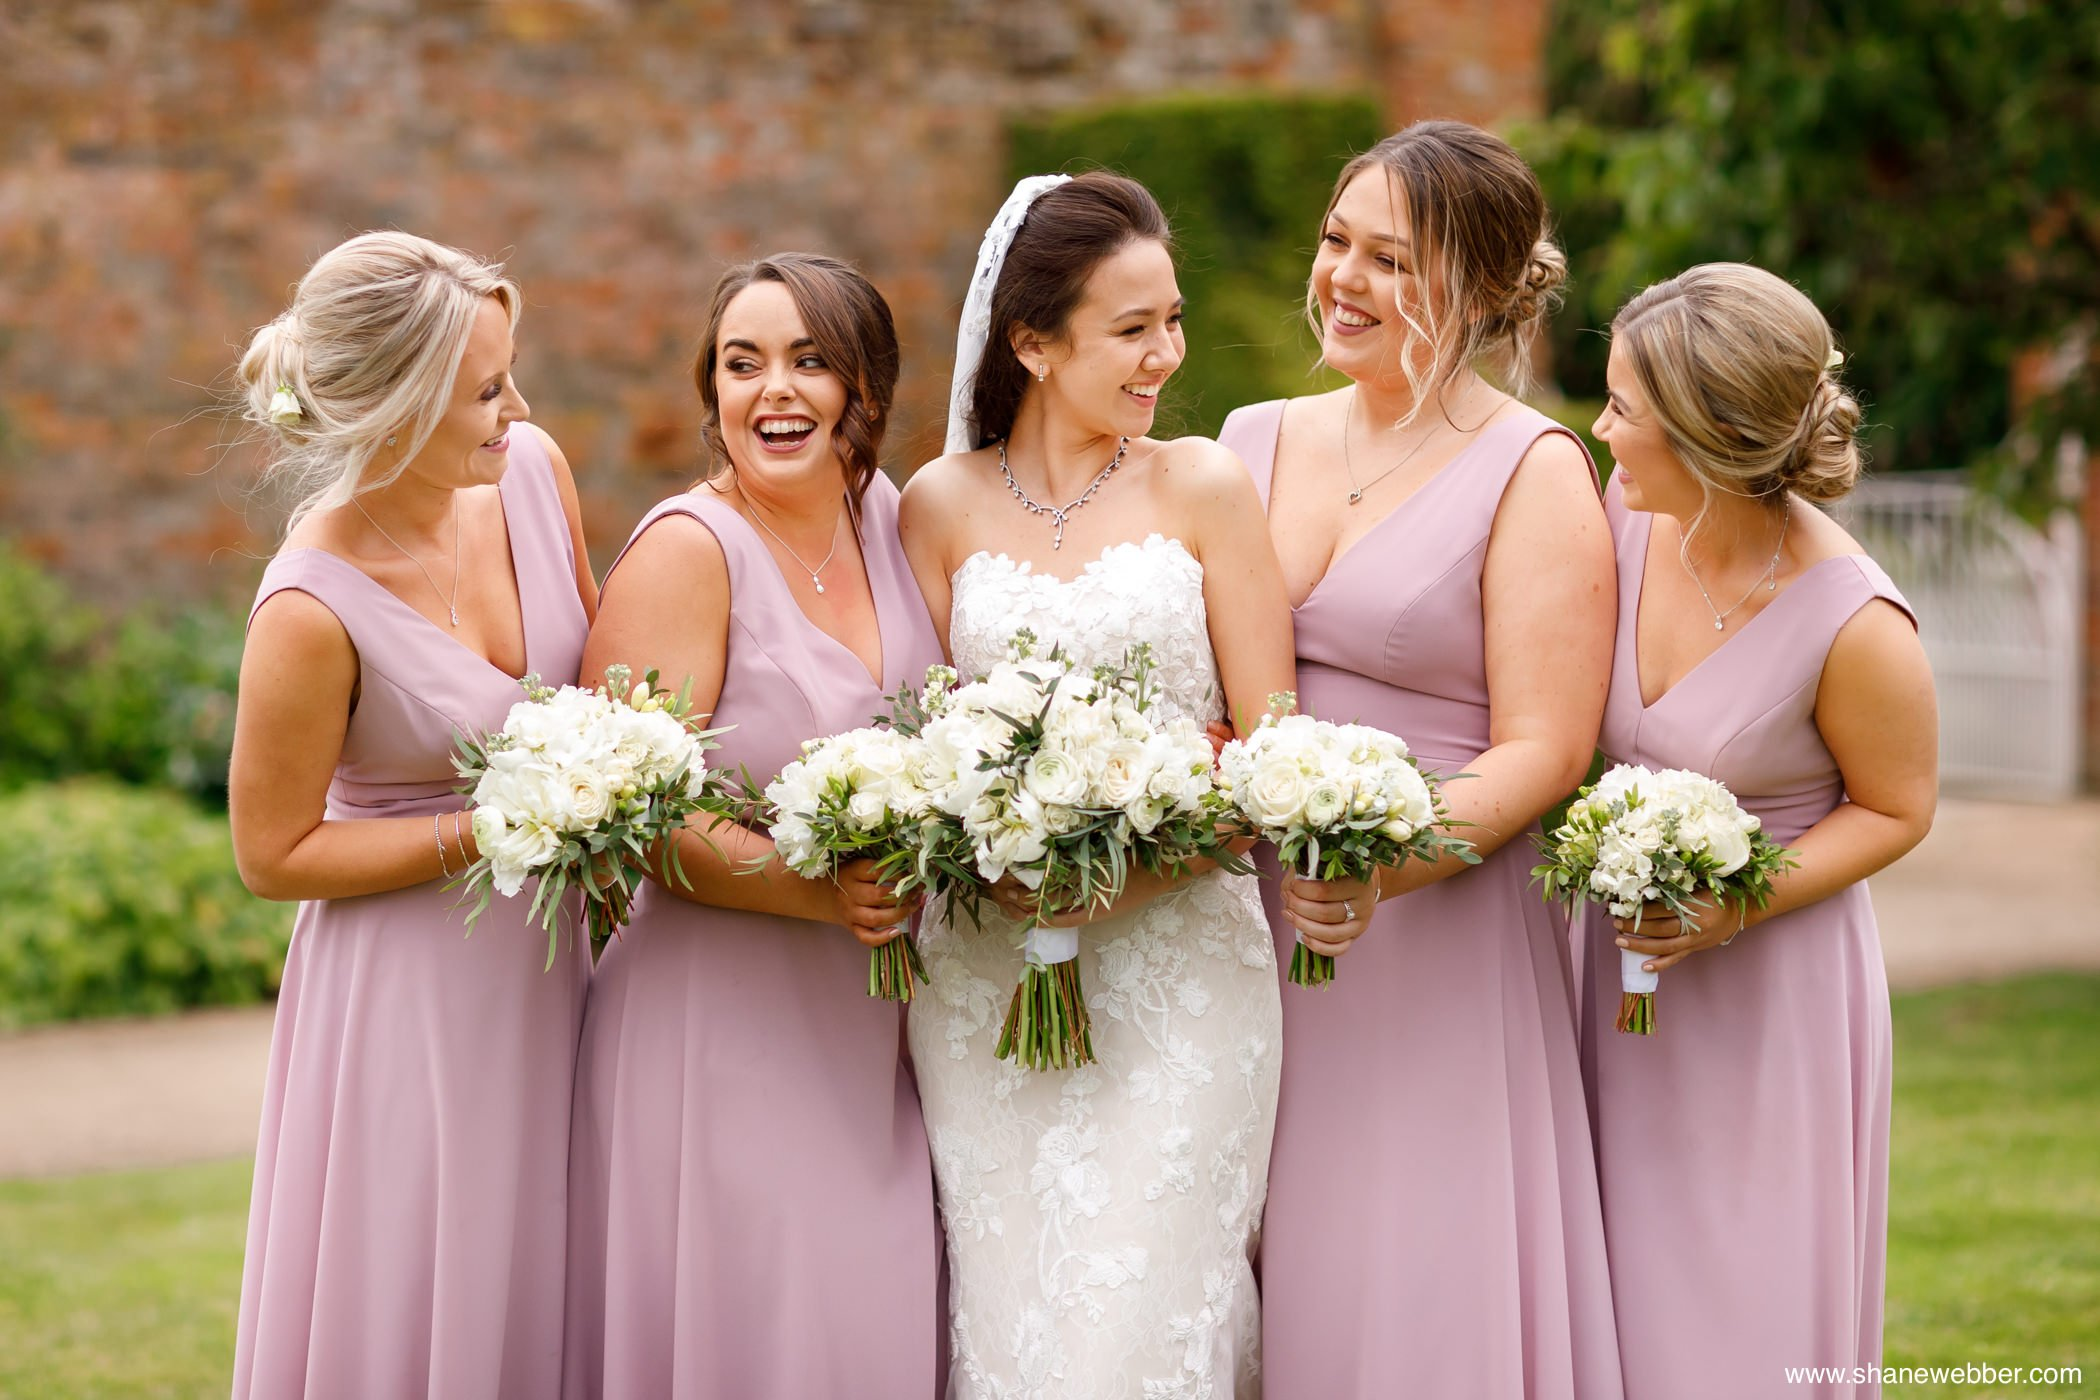 bridal party portrait